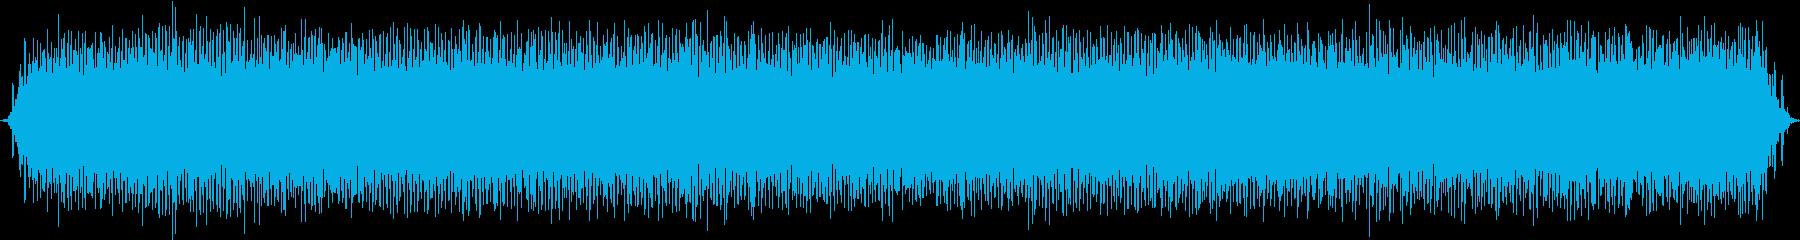 使用中のミシン-高速の再生済みの波形